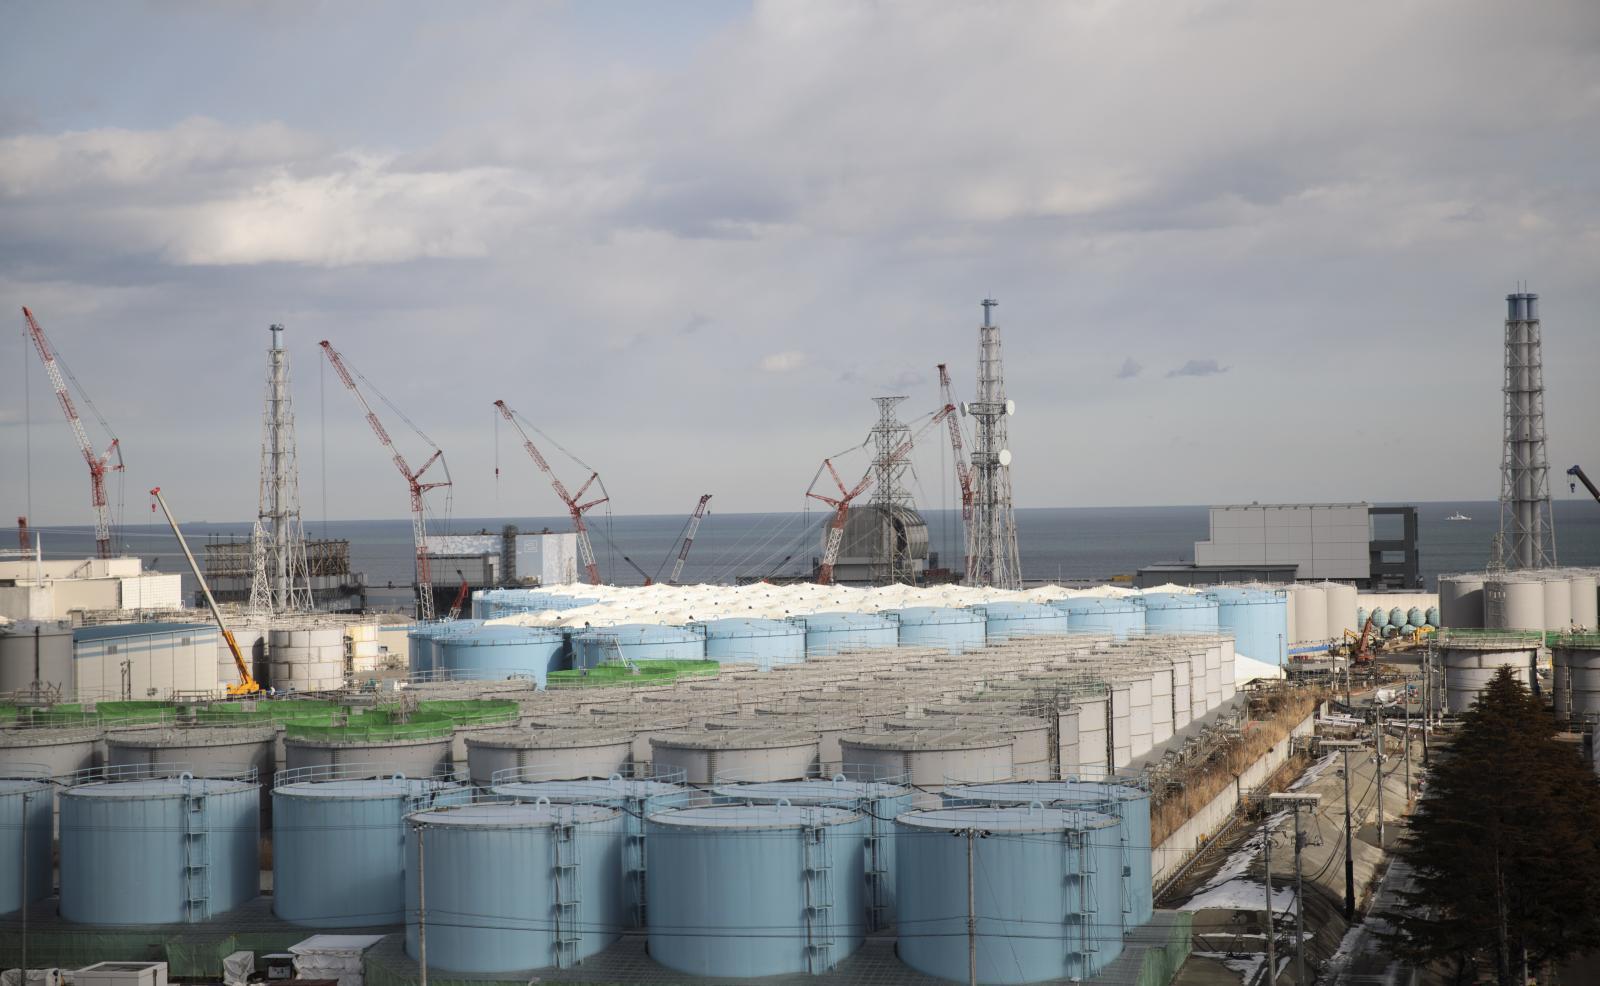 """""""ญี่ปุ่น"""" เล็งปล่อยน้ำปนเปื้อนกัมมันตรังสี ออกจากโรงไฟฟ้า """"ฟูกูชิมะ"""" หลังแทงค์ใกล้เต็ม"""